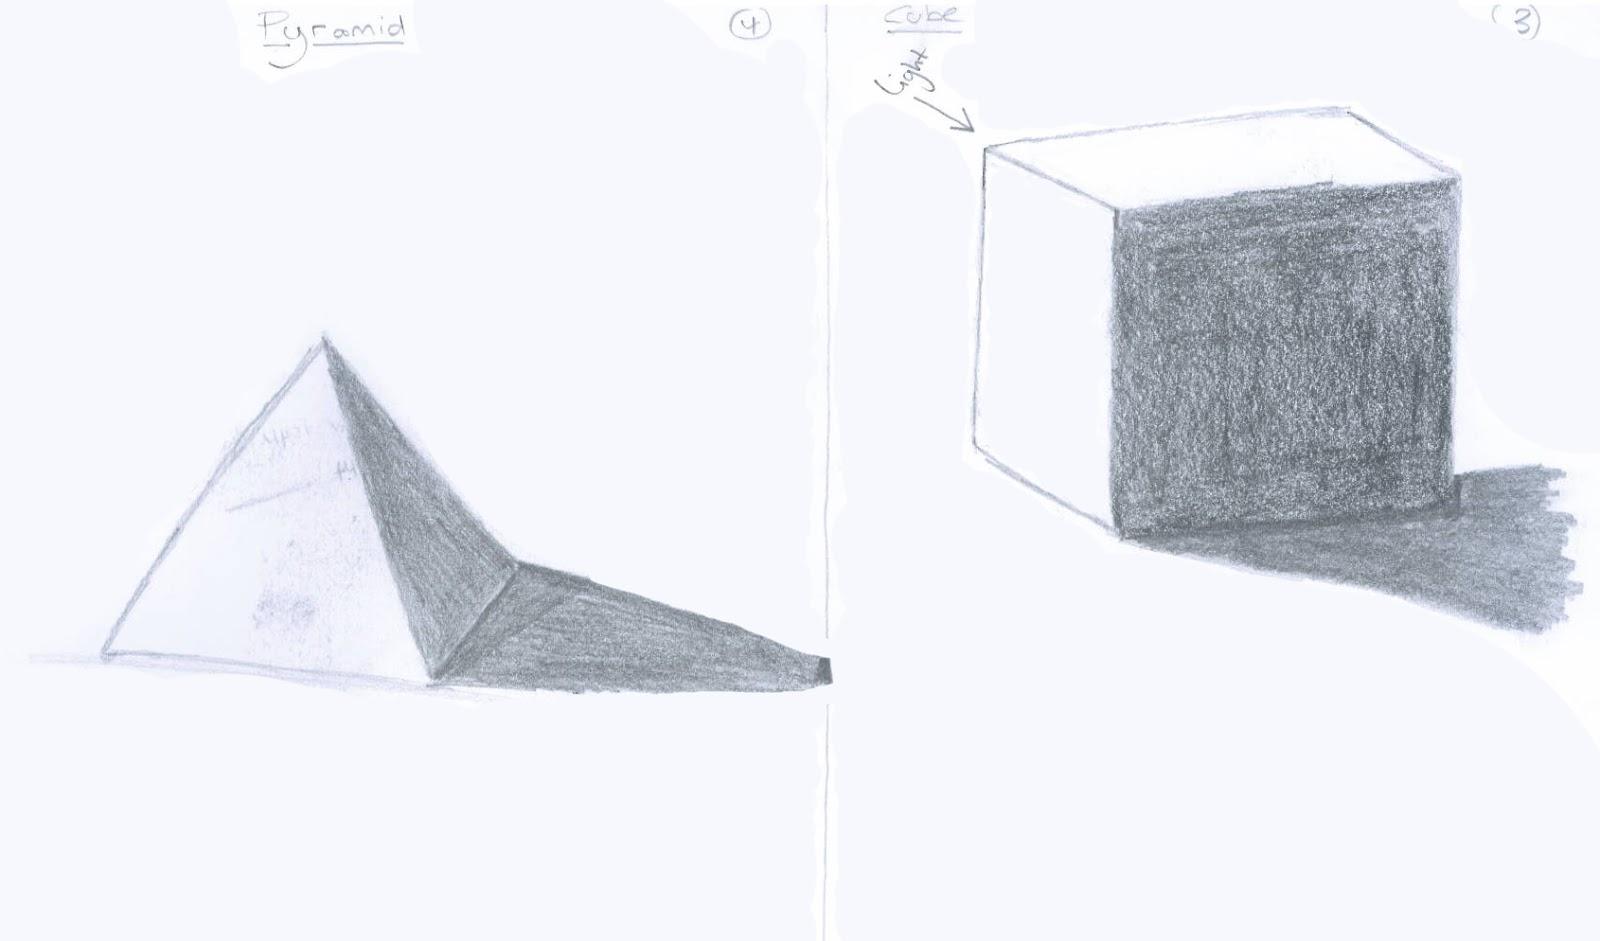 Drawn pyramid shaded & 4 and not long